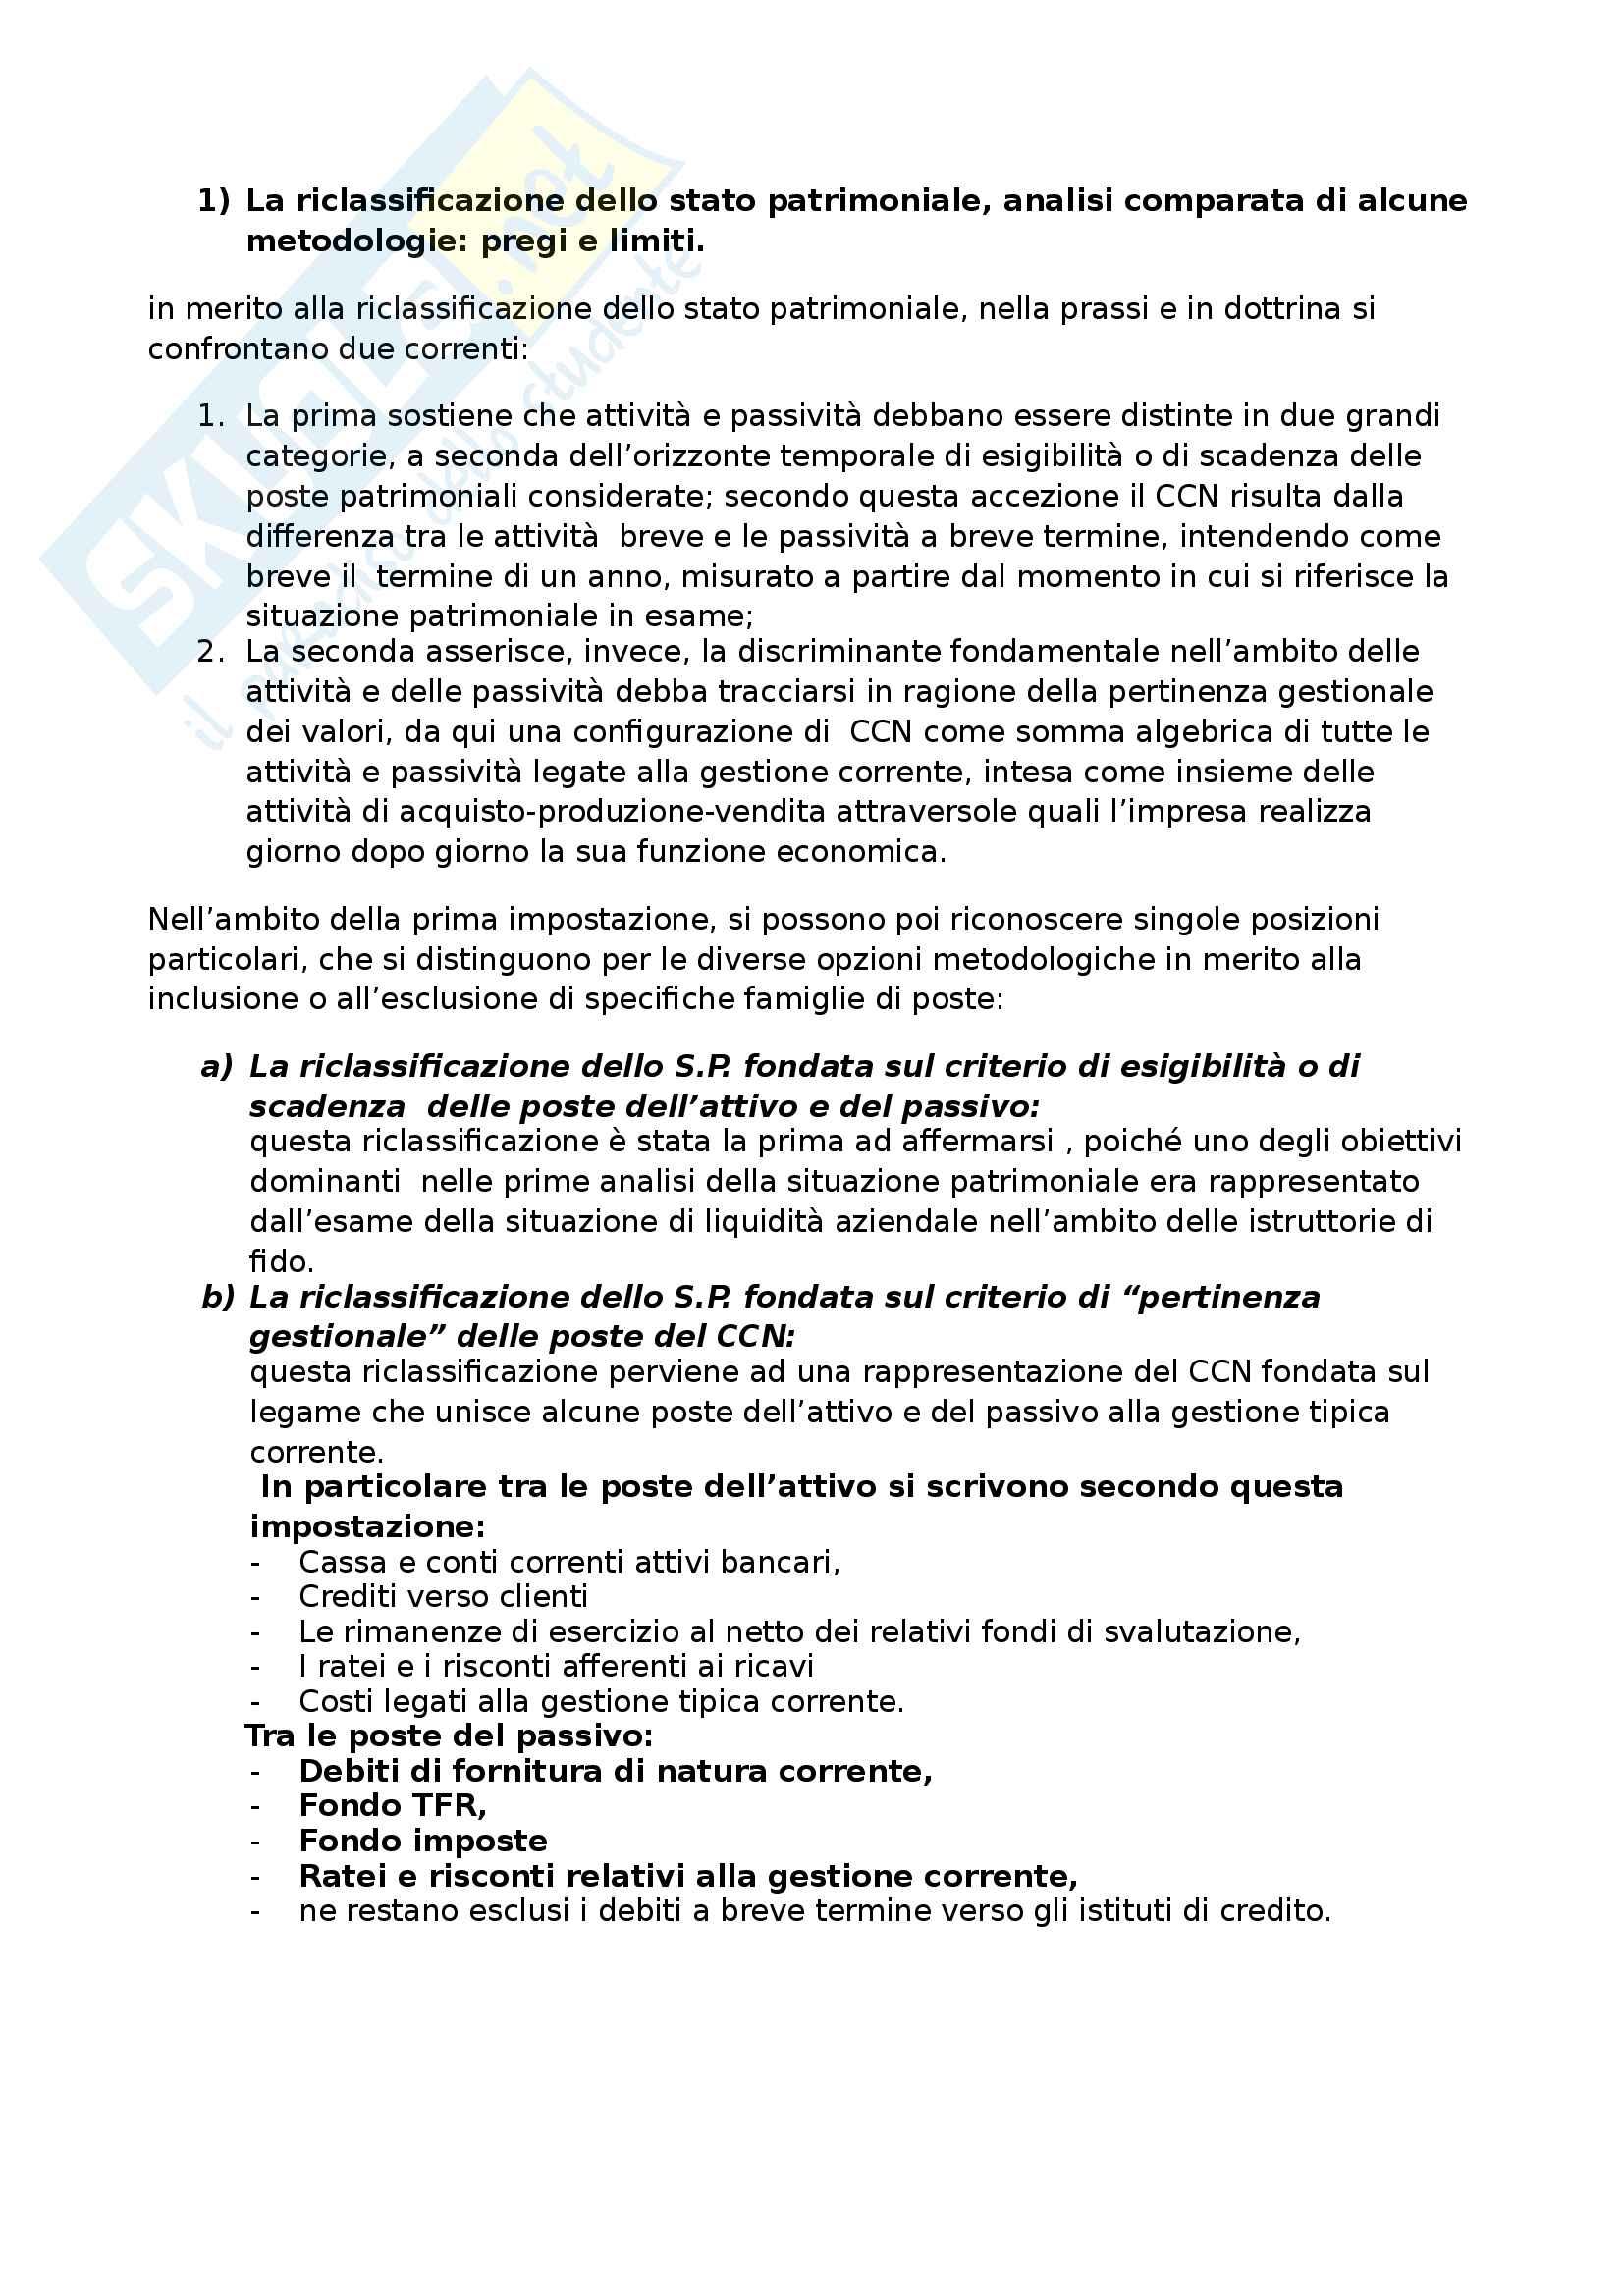 Apppunti di Metodologie 2 (bilancio consolidato e analisi di bilancio) + temi d'esame svolti Pag. 91